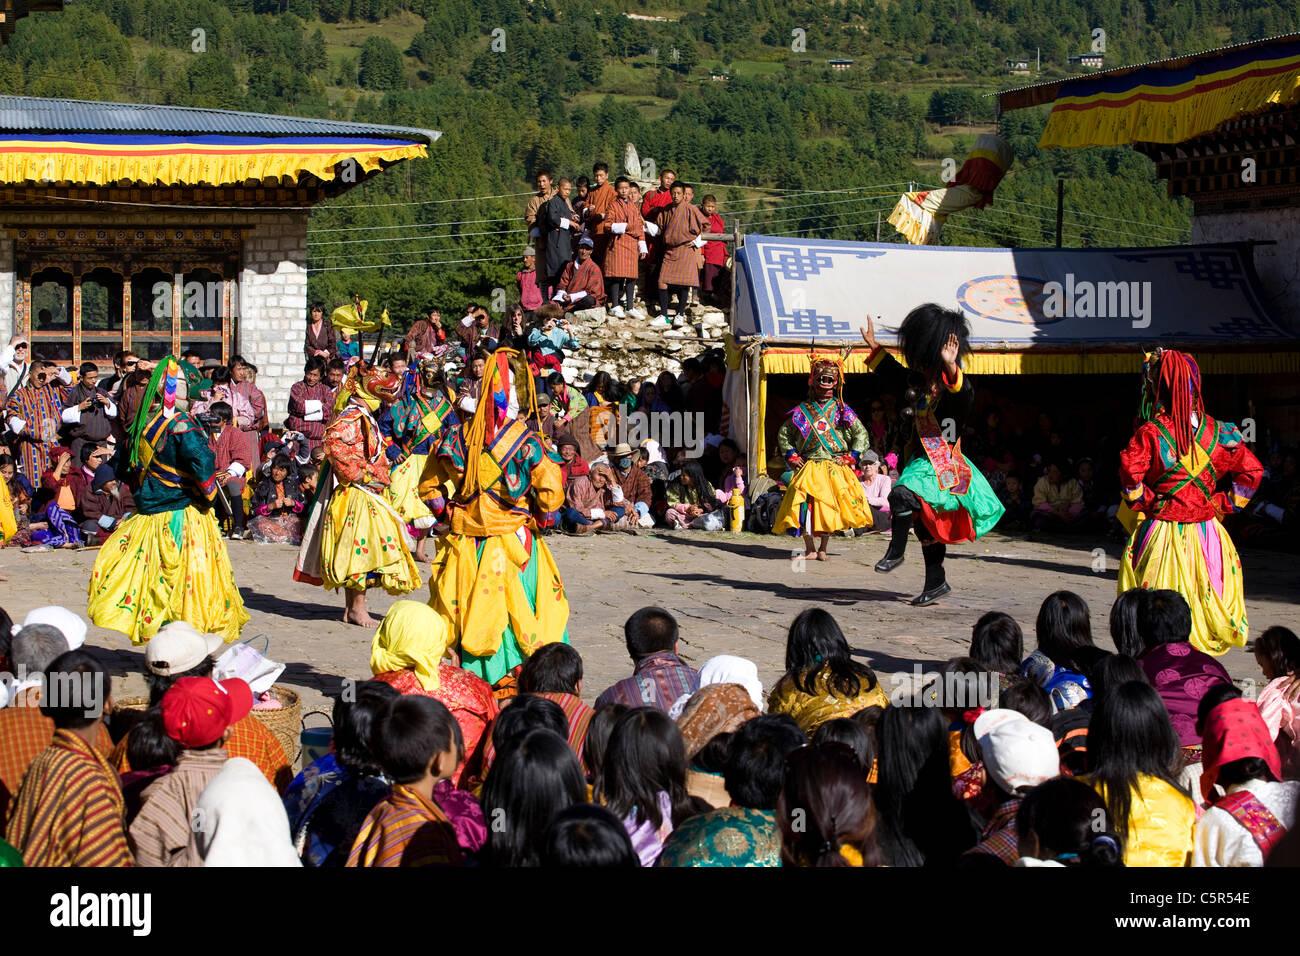 Tsechu at Jampa Lhakhang Drup, Choskhor Valley, Bhumthang. Bhutan. - Stock Image